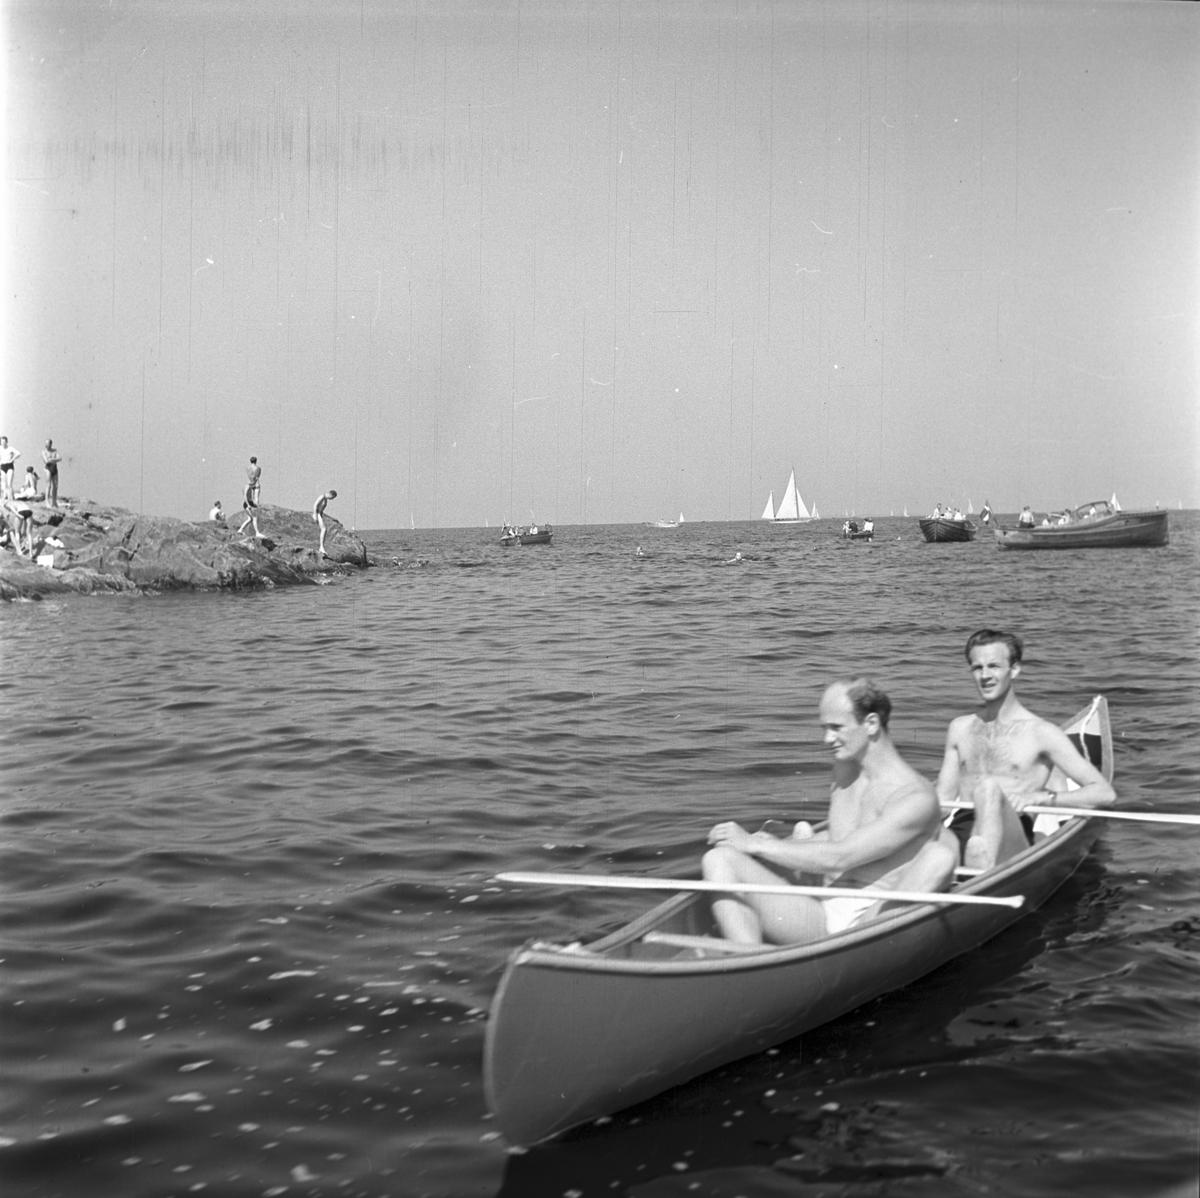 Furuskär Furuviksparken invigdes pingstdagen 1936.  Två män i en kanot Badande människor på skäret